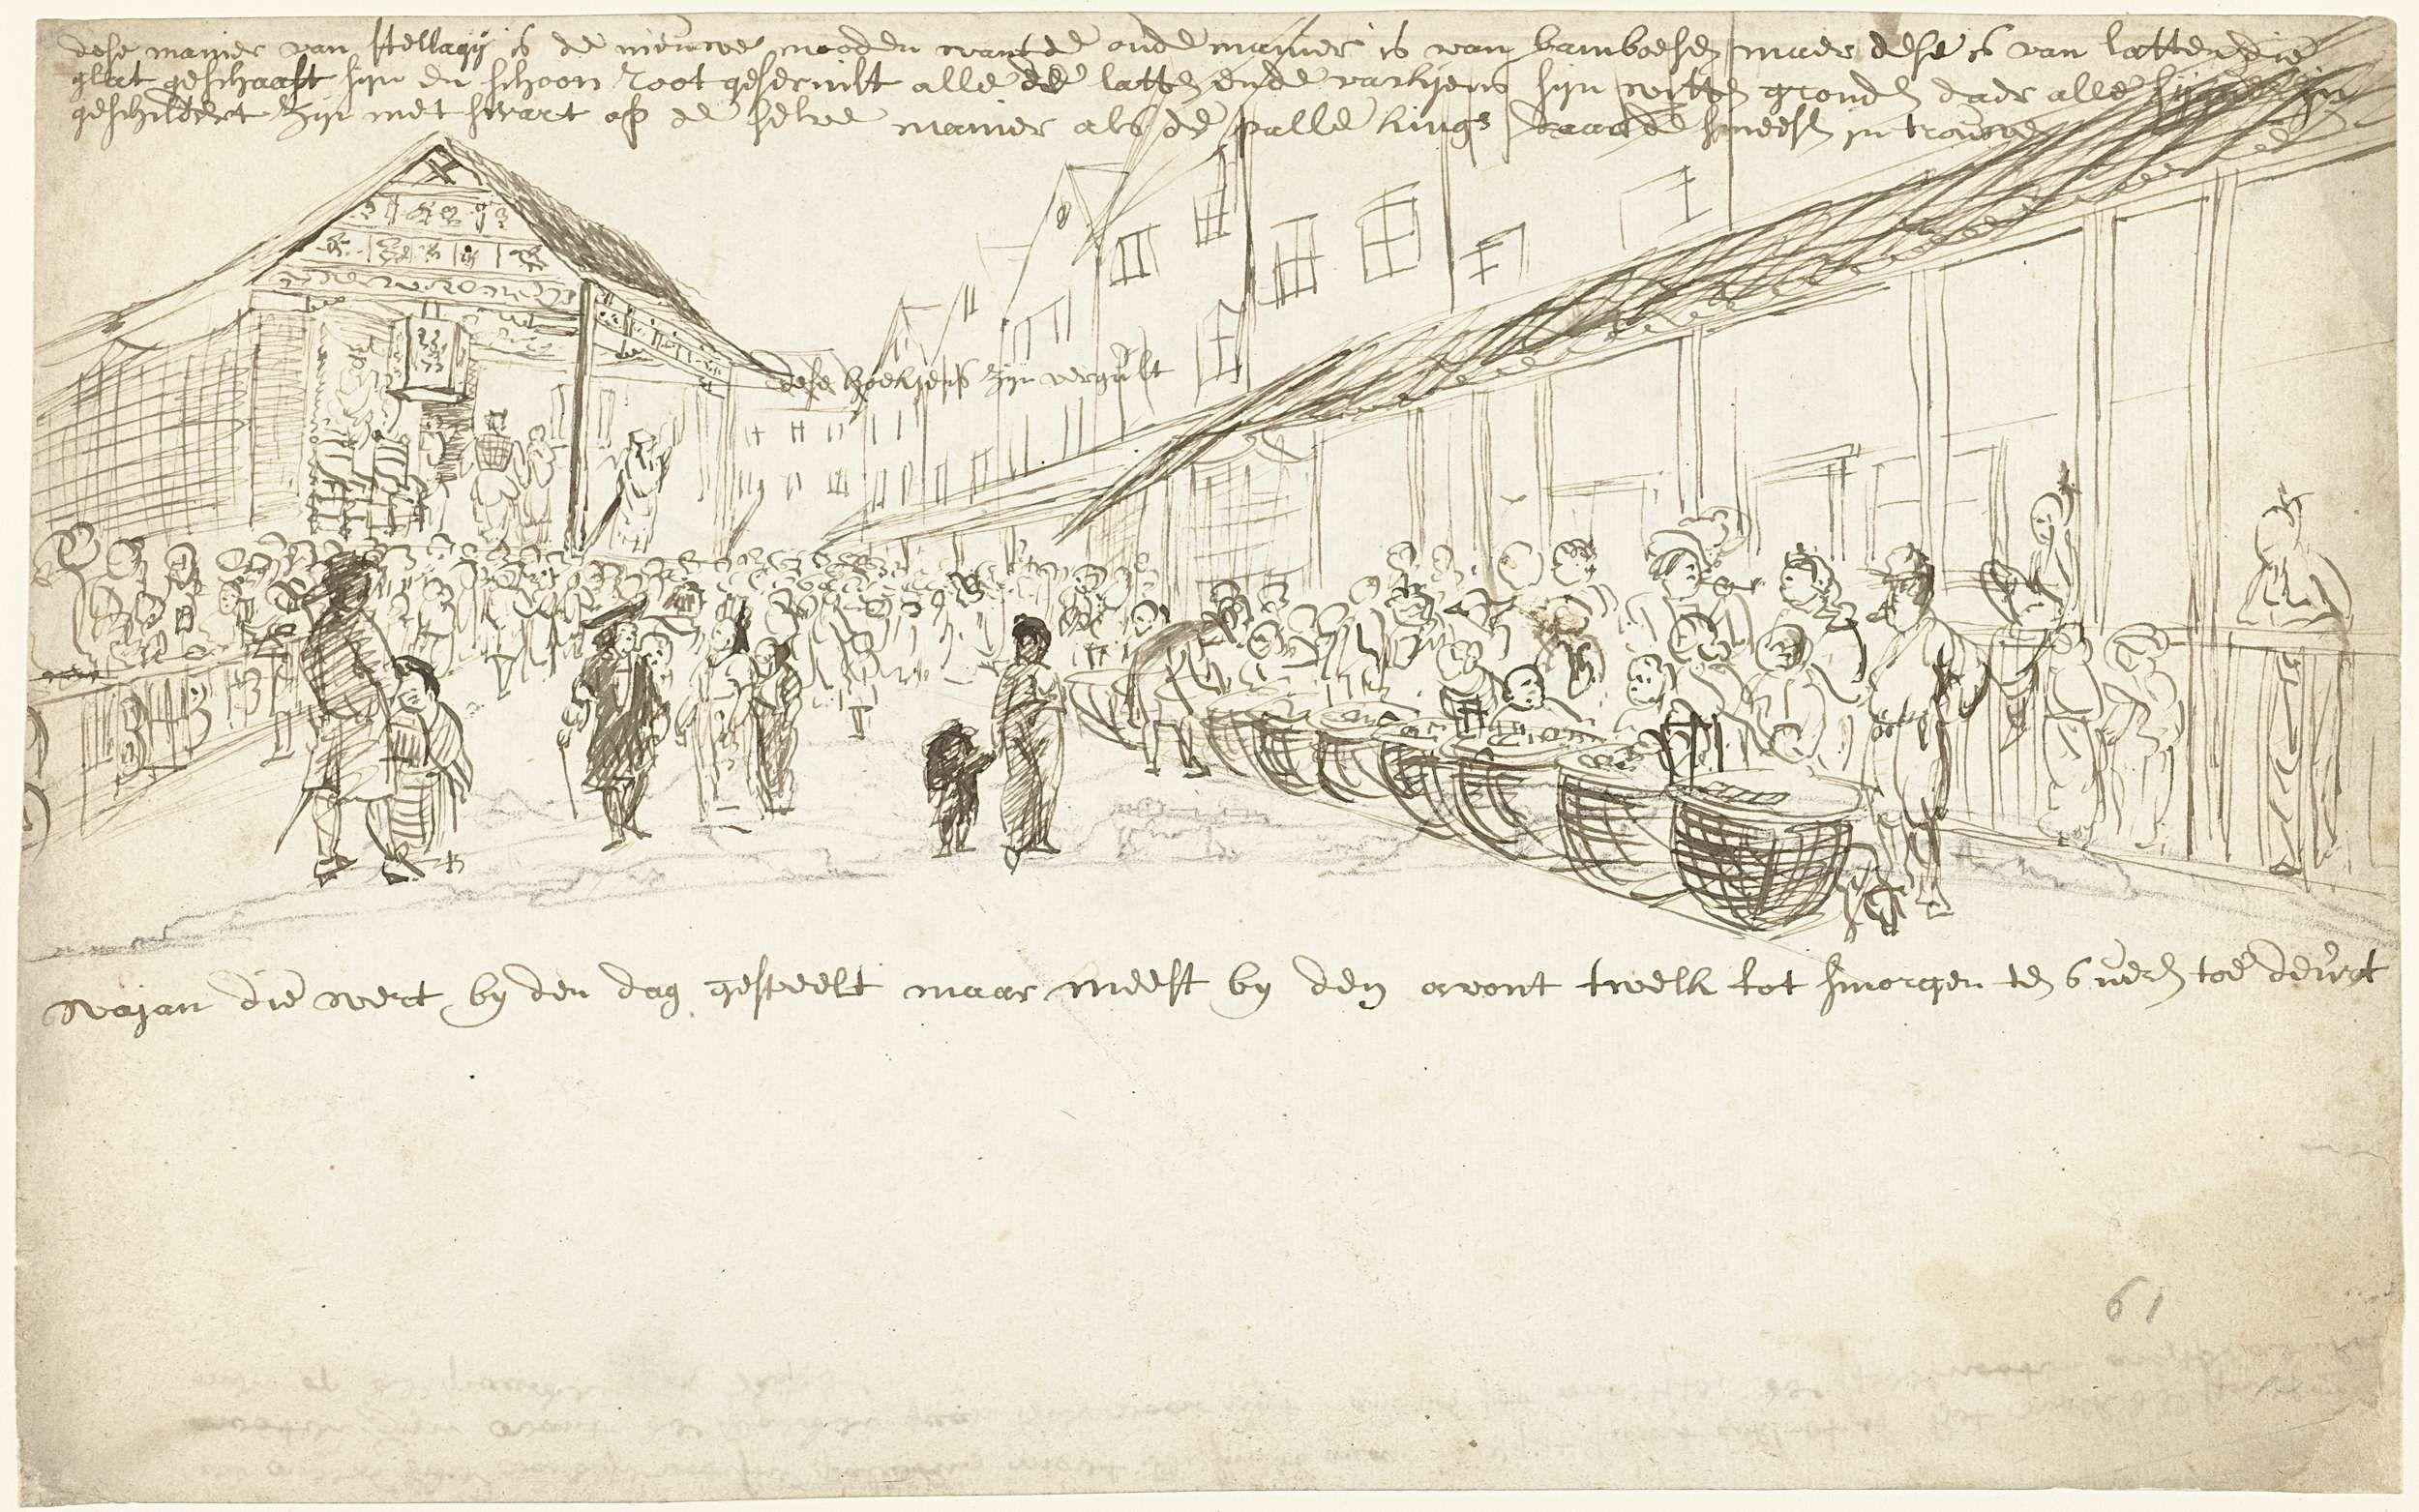 anoniem | Straat met koopvrouwen, attributed to Cornelis de Bruyn, 1662 - 1726 | Straat met koopvrouwen met manden; op de achtergrond is een toneel te zien.